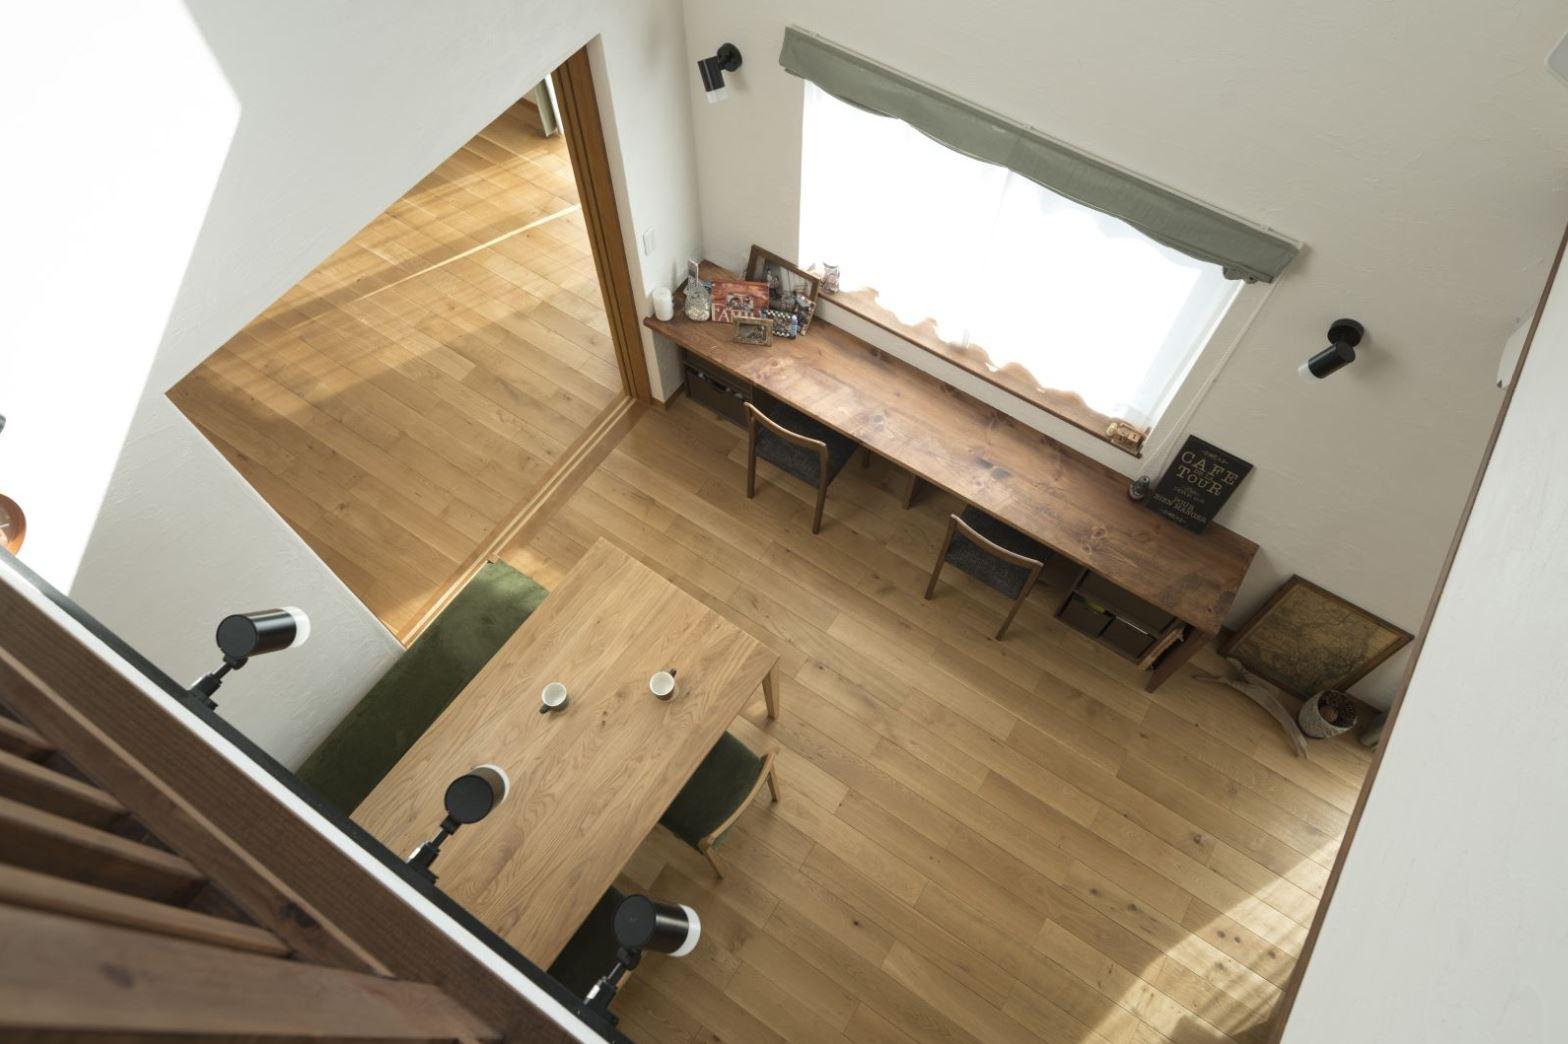 アイジースタイルハウス【収納力、自然素材、間取り】キッチンから見える位置にカウンターを造作し、子どもたちのスタディコーナーに